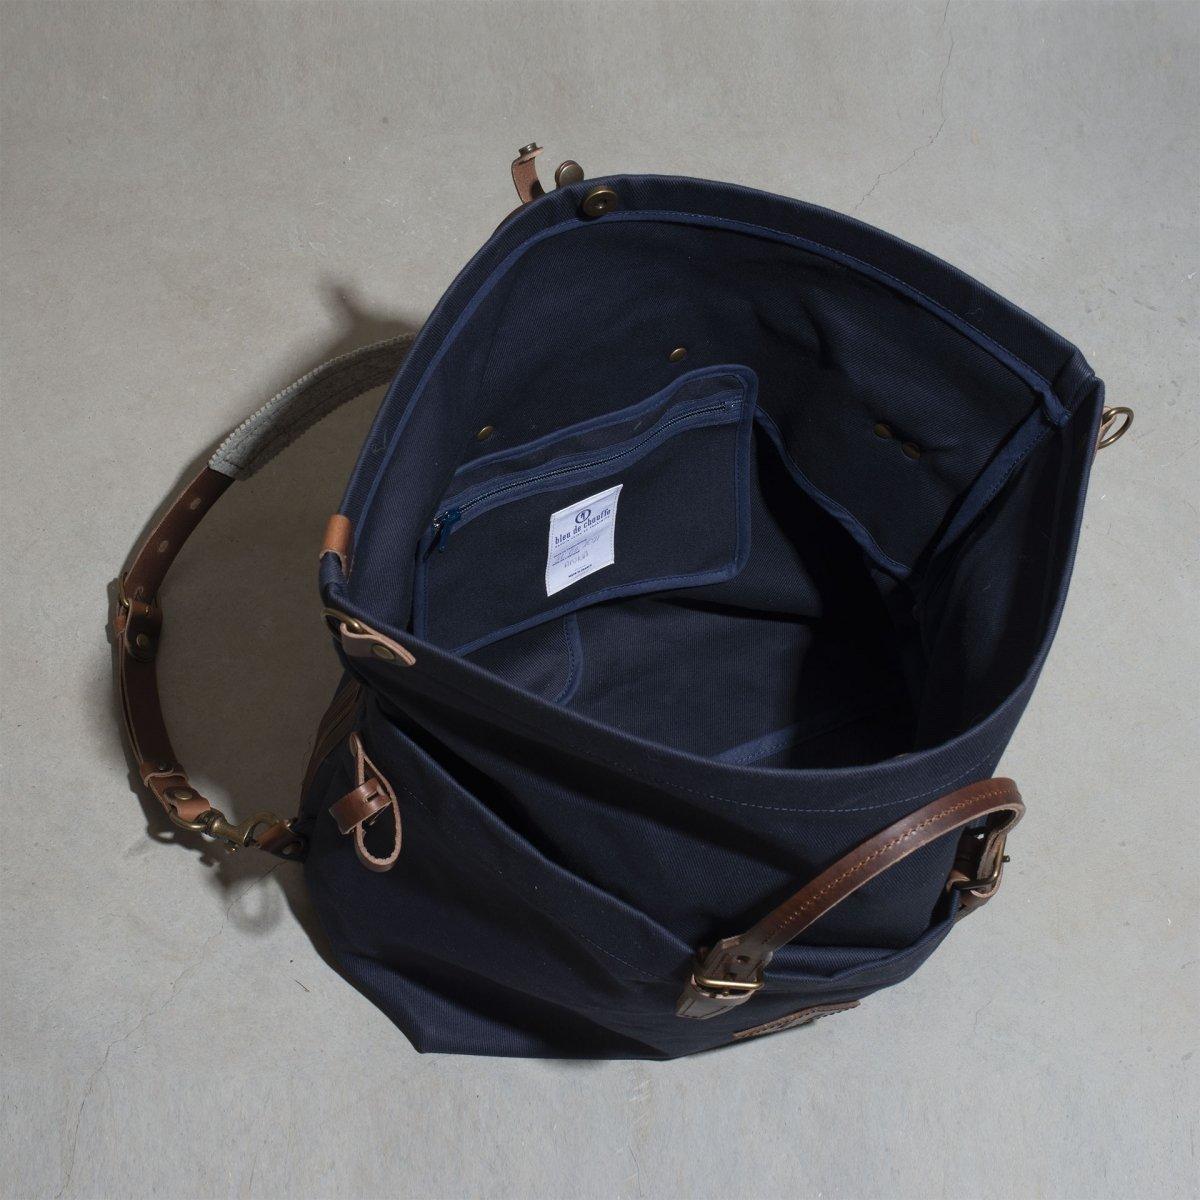 Woody S Backpack - Peacoat Blue (image n°4)